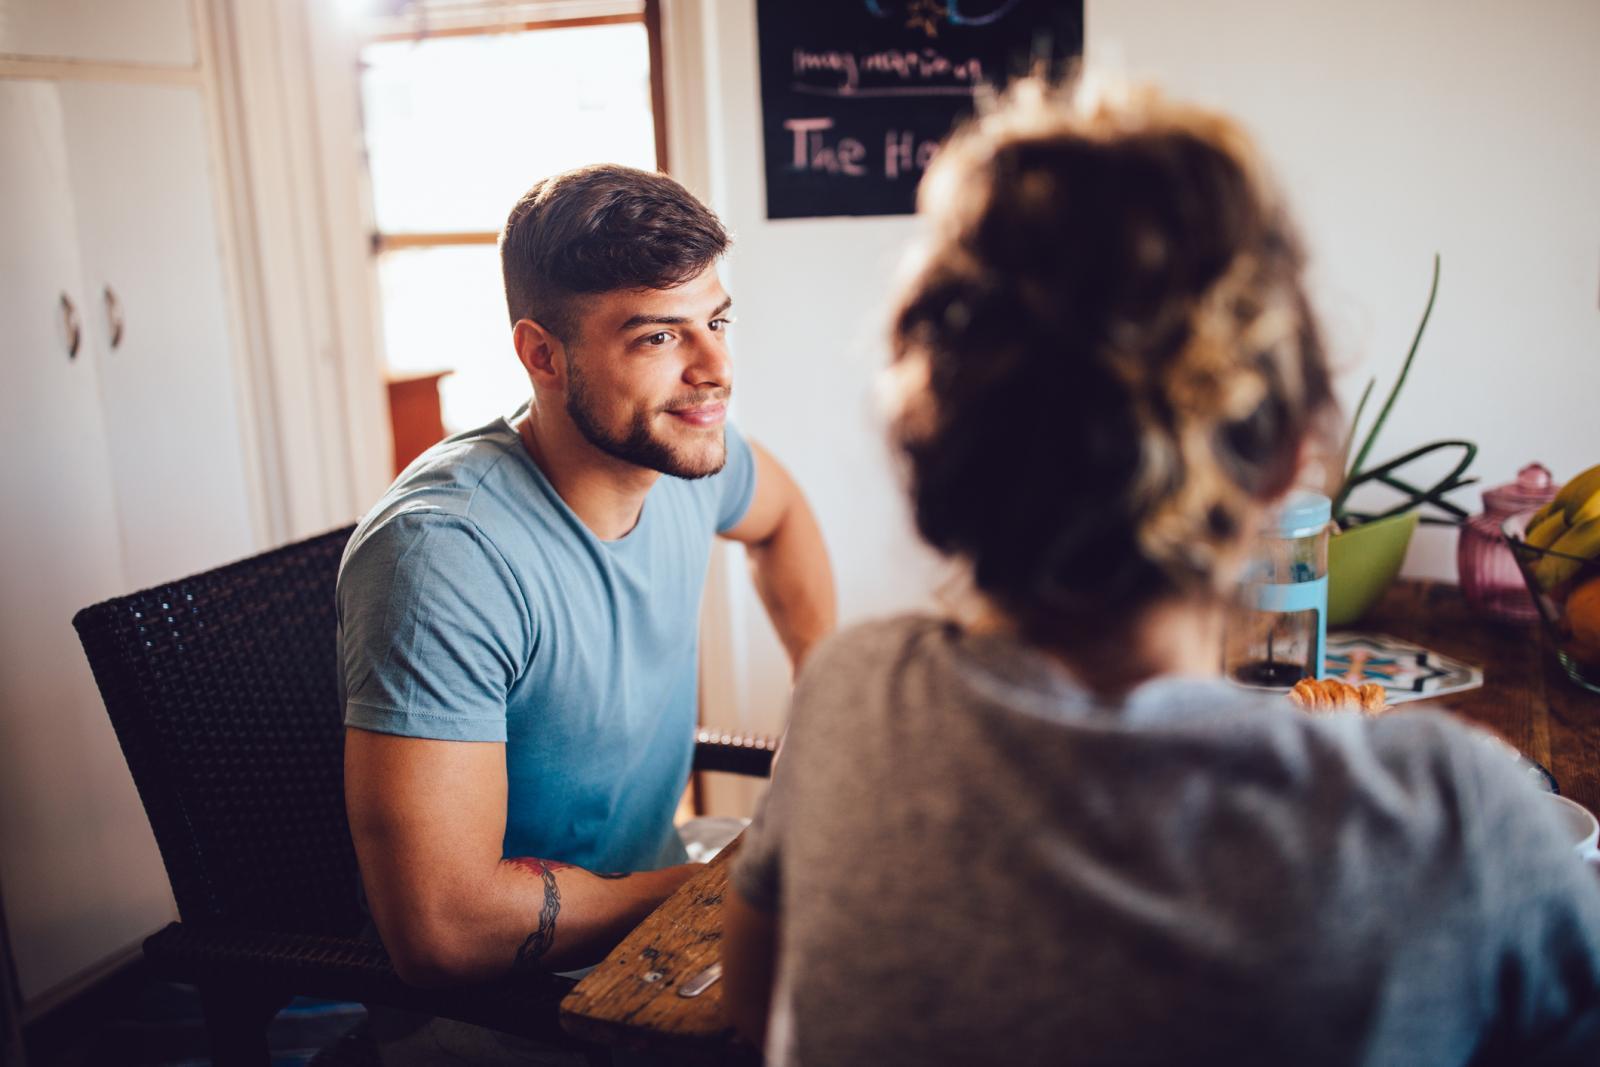 Muškarci više nego žene kontroliraju svoje emocije, susprežu ih i ne žele razgovarati o bolnom događaju.